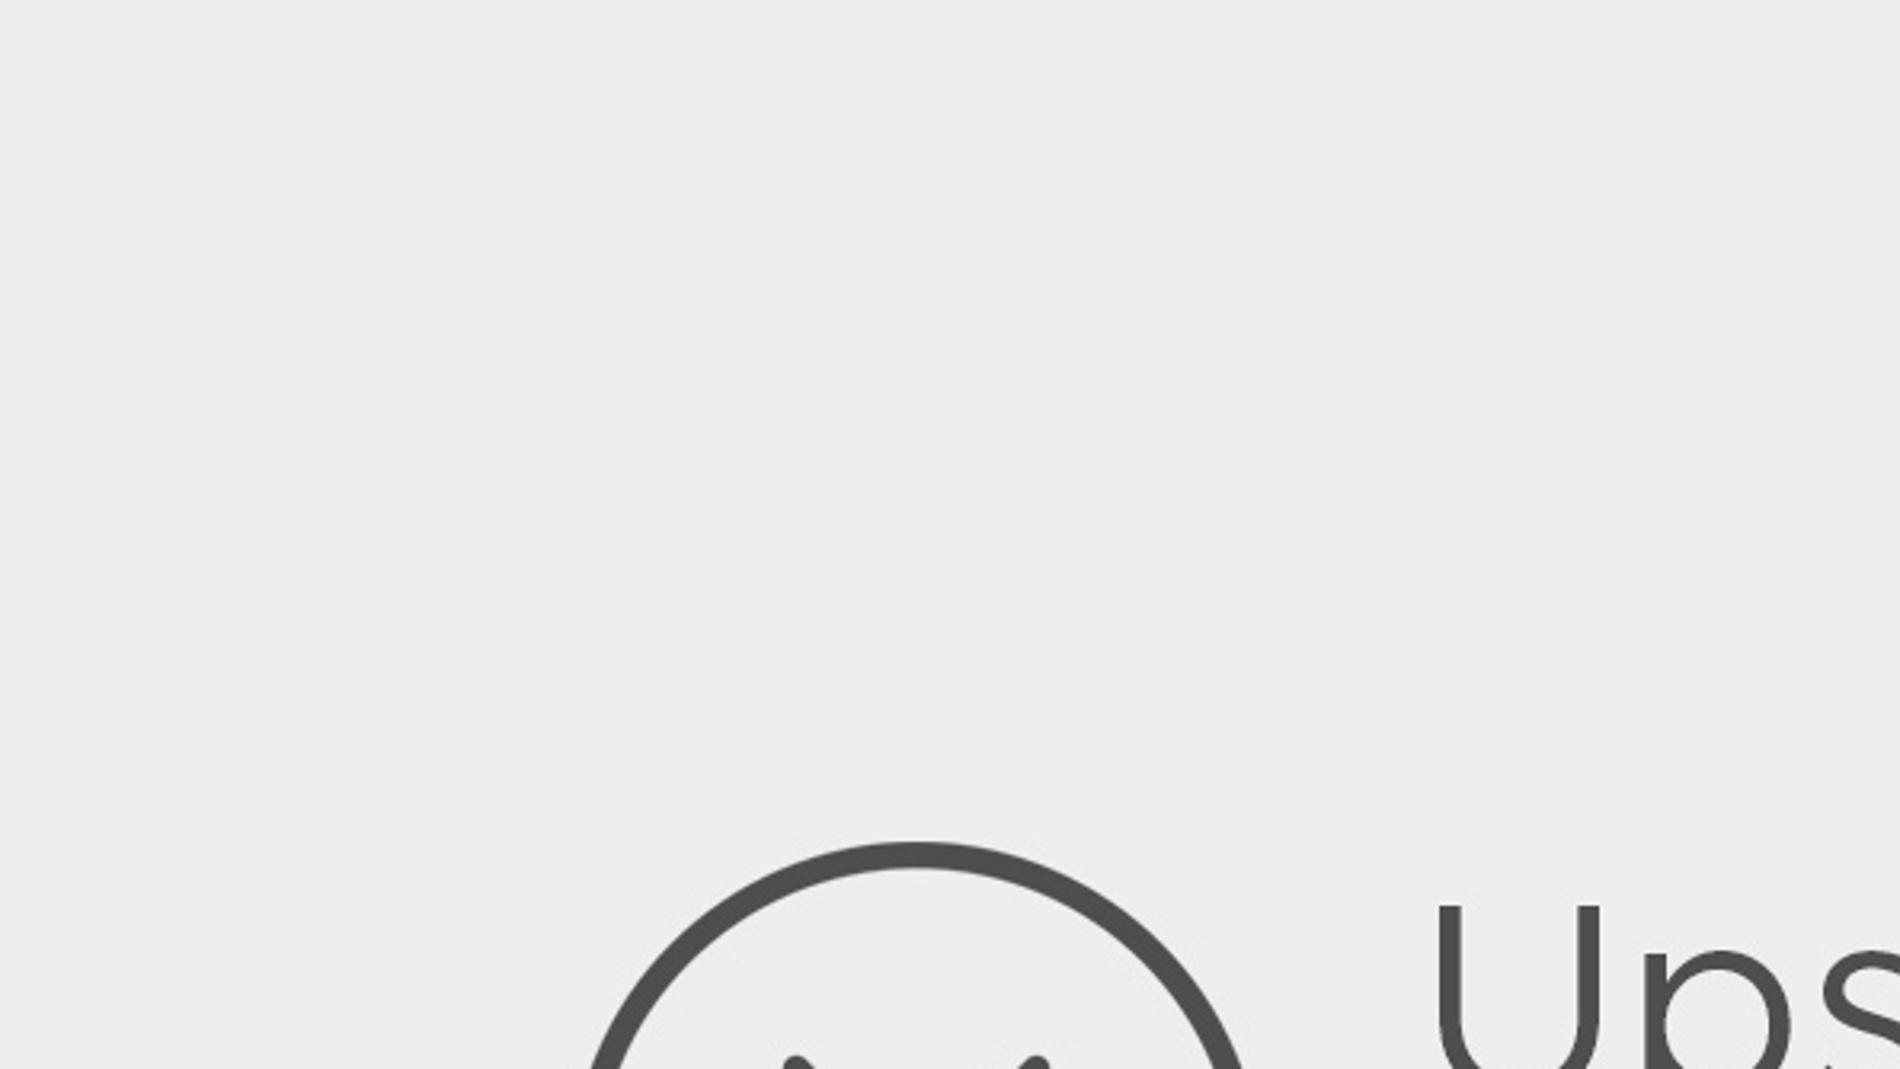 ¿Cómo reaccionará Jack Nicholson?